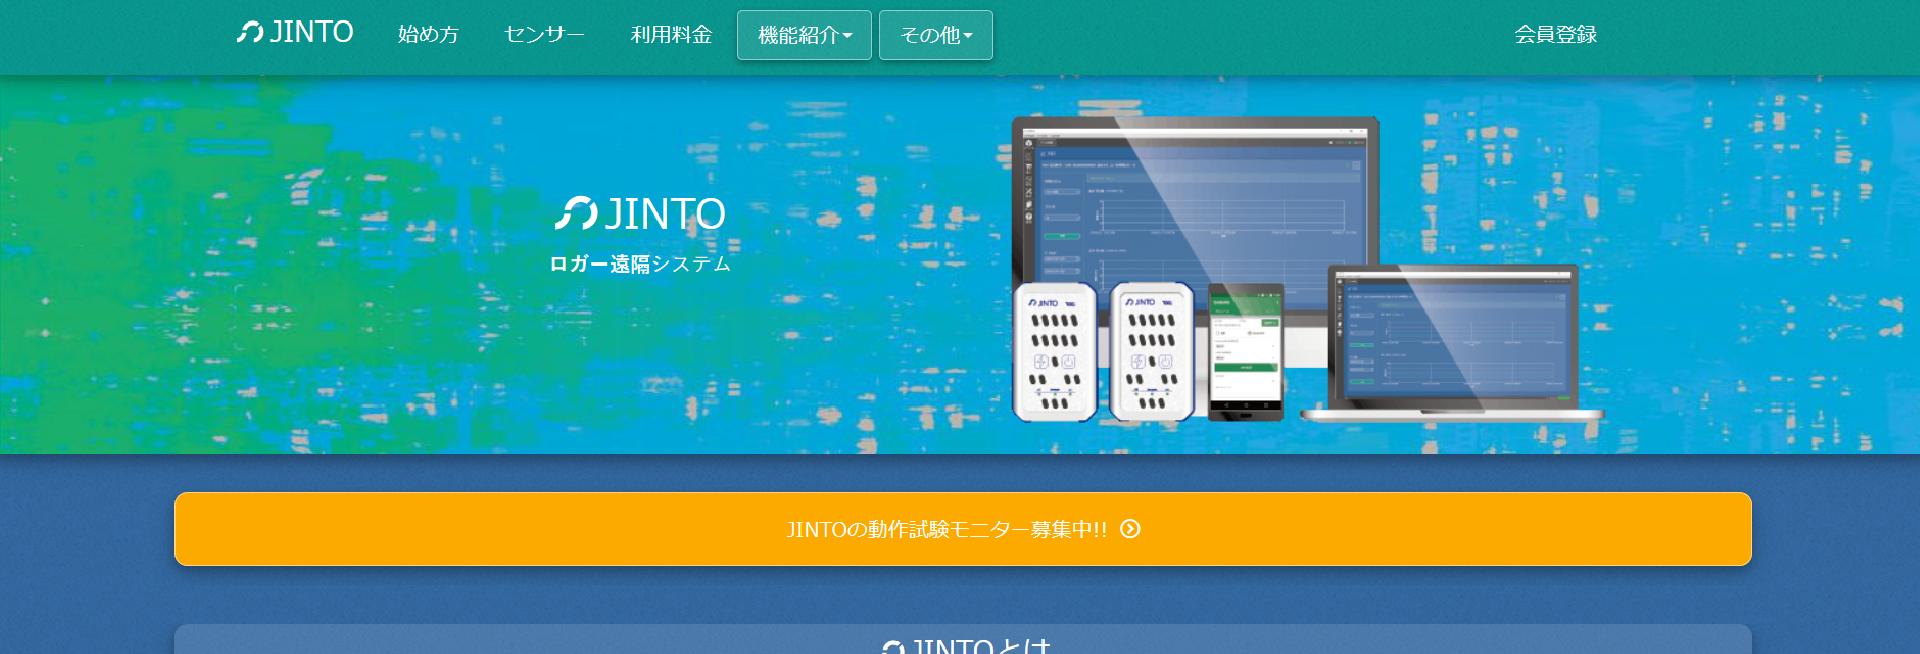 JINTO(遠隔ロガーシステム)